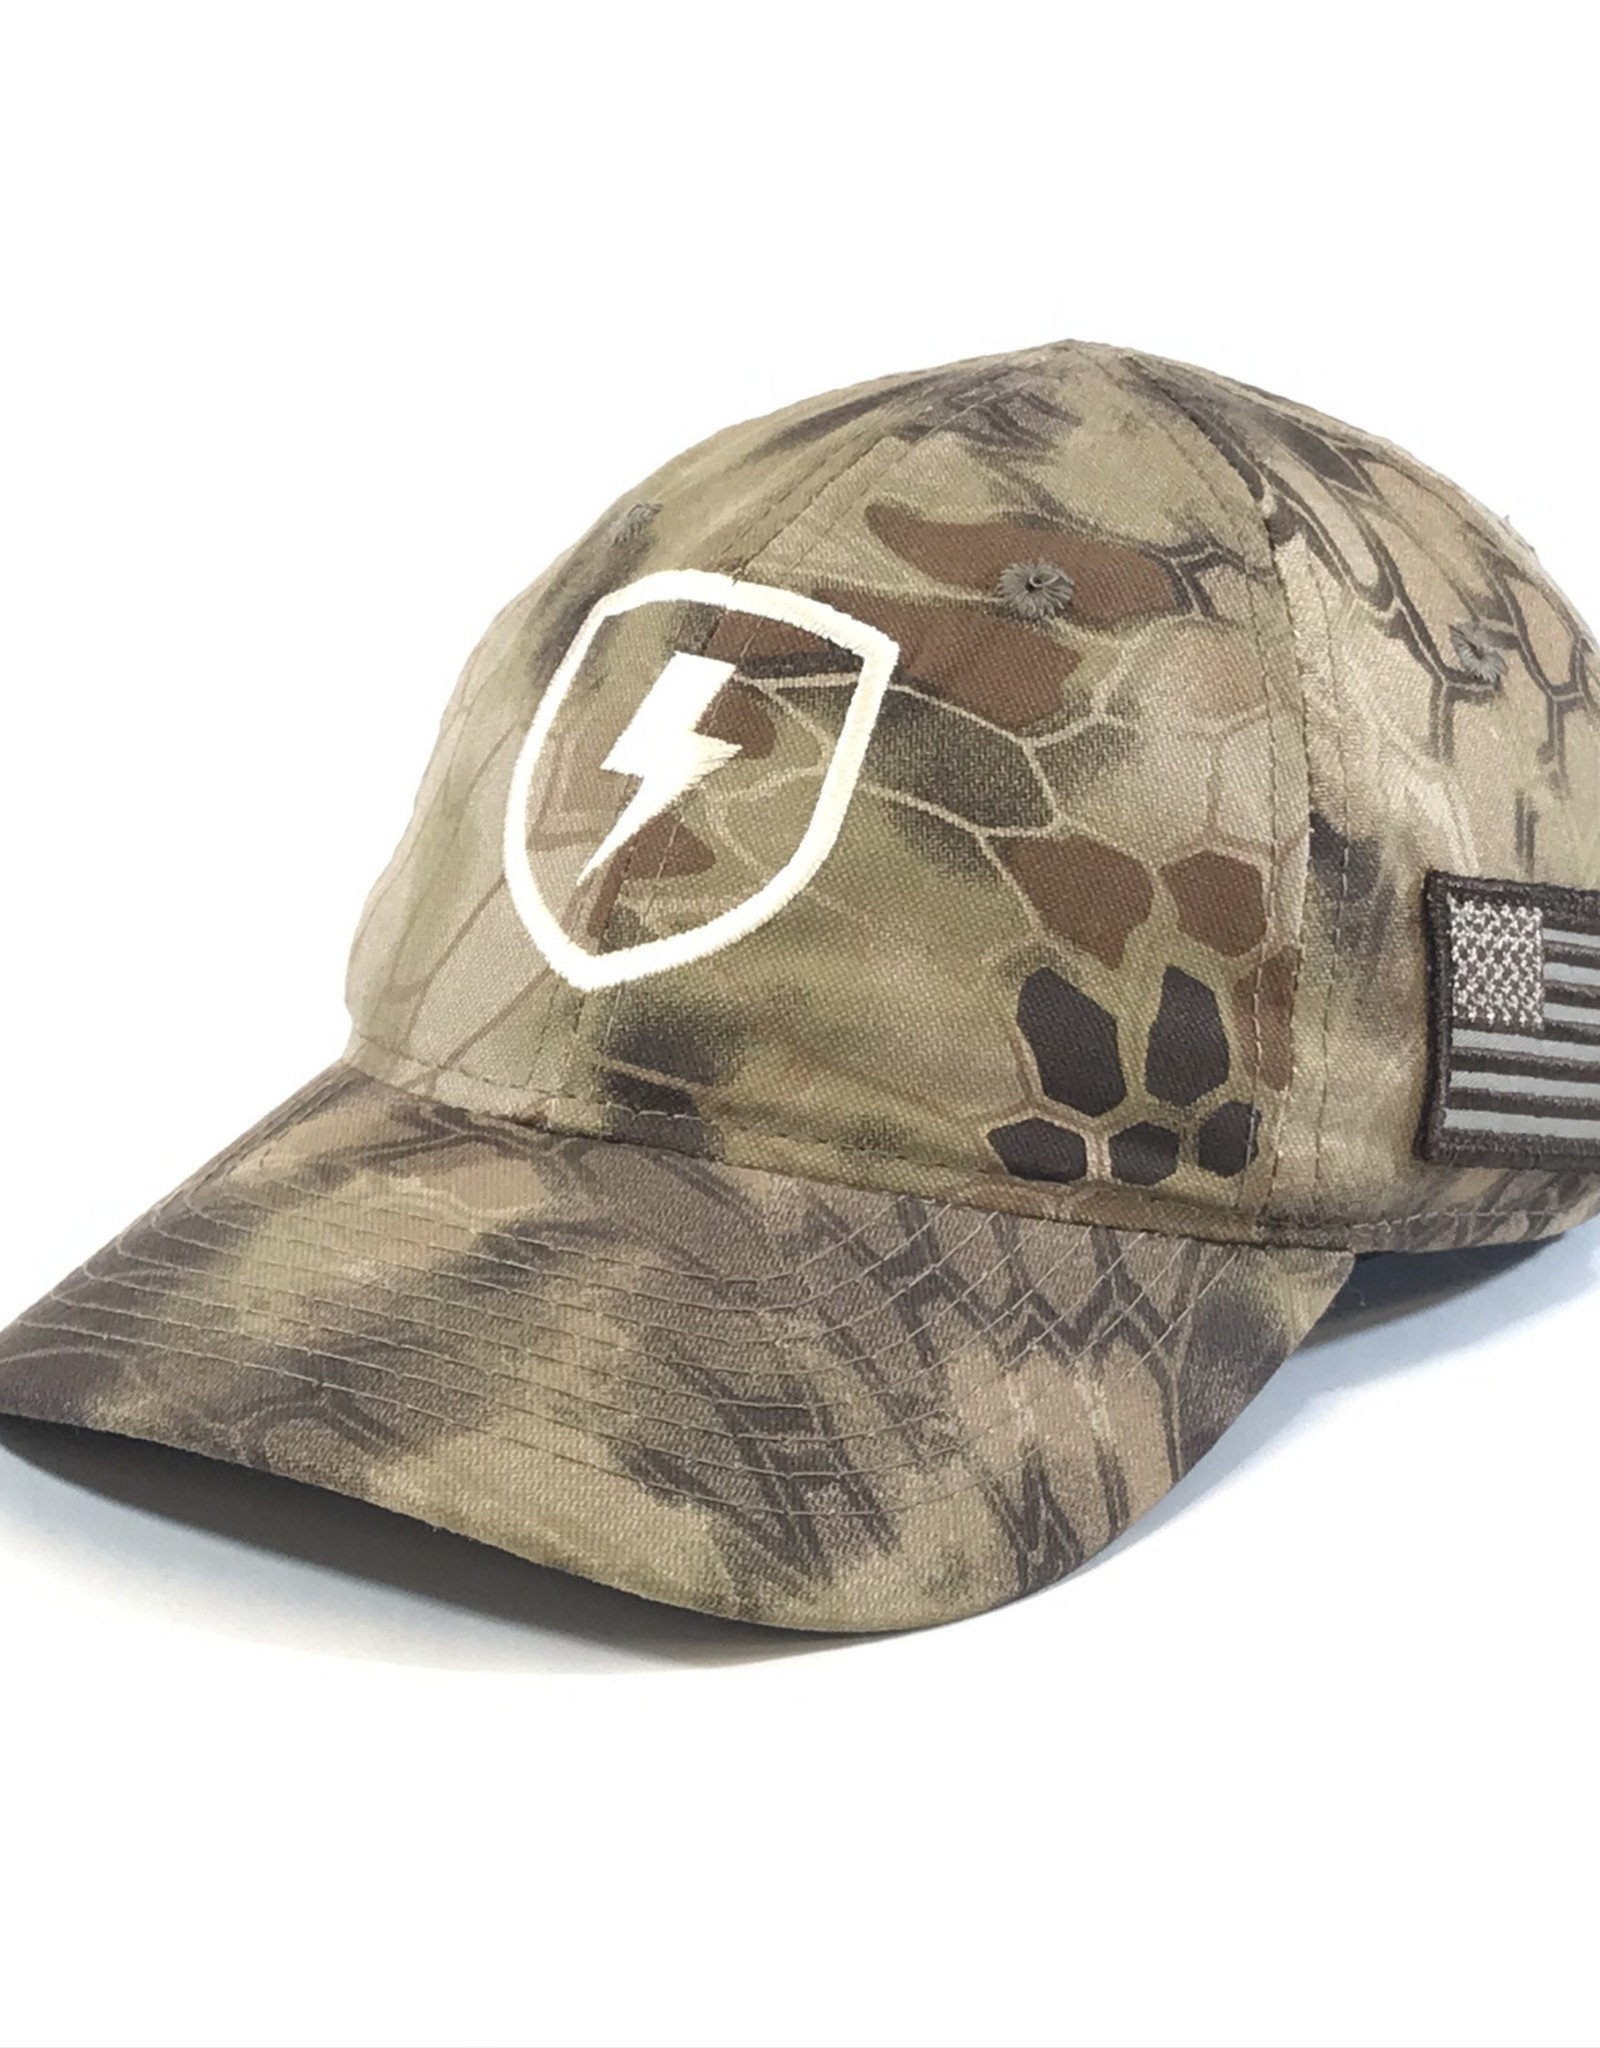 Defender Outdoors Kryptek Highlander US Flag Hat